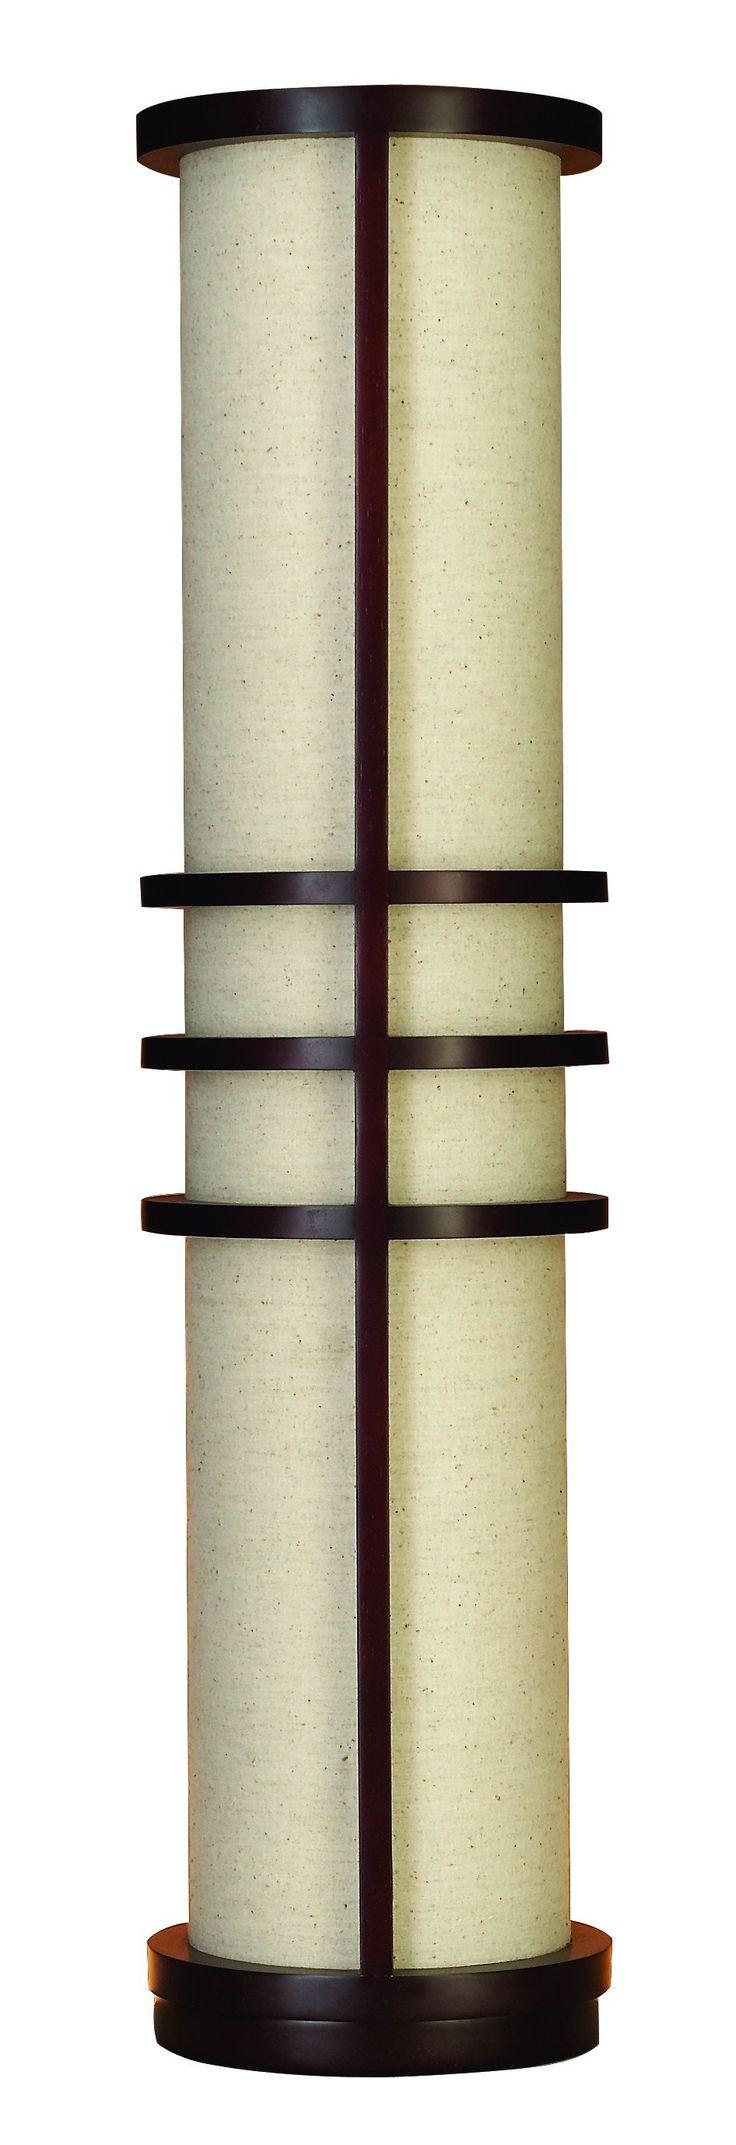 Wd Floor Lamp 36 Inch H